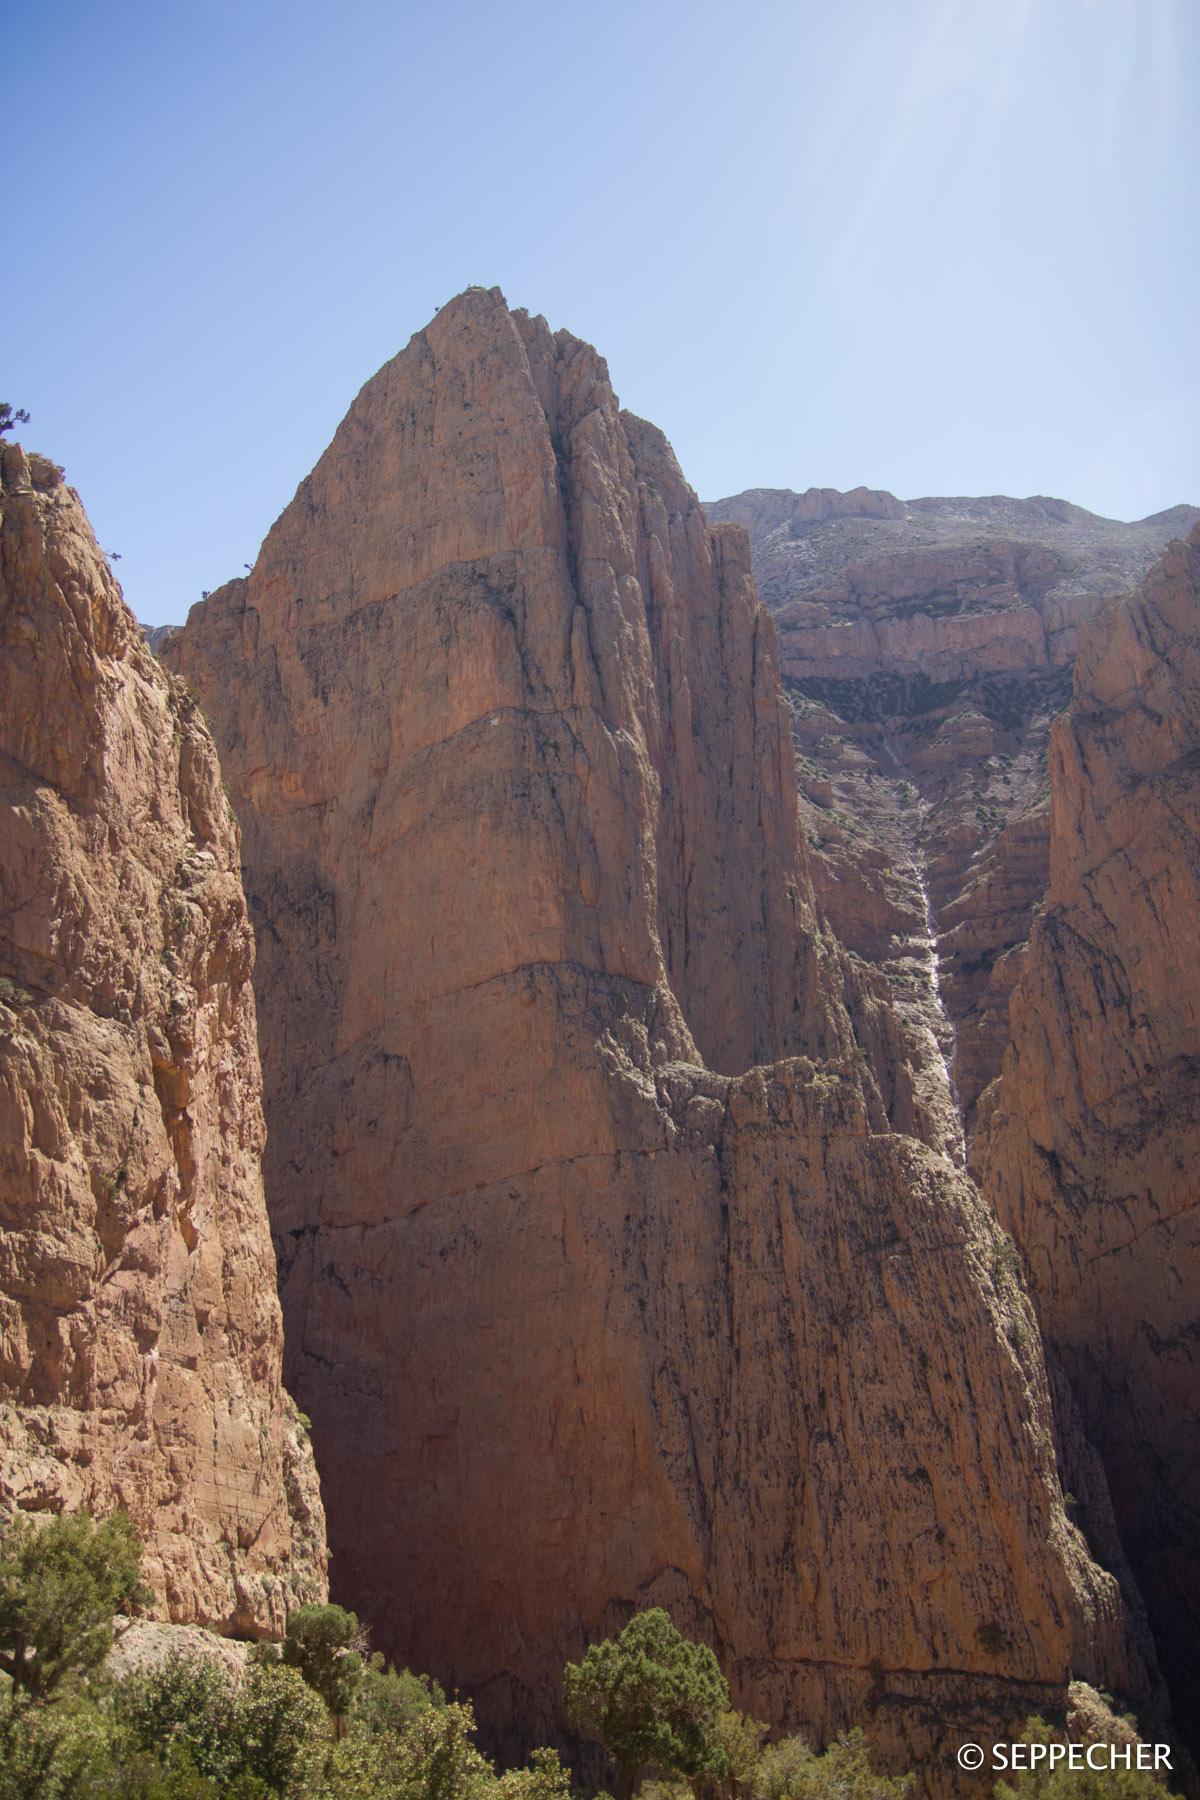 L'imposante face nord du Taoujdad.